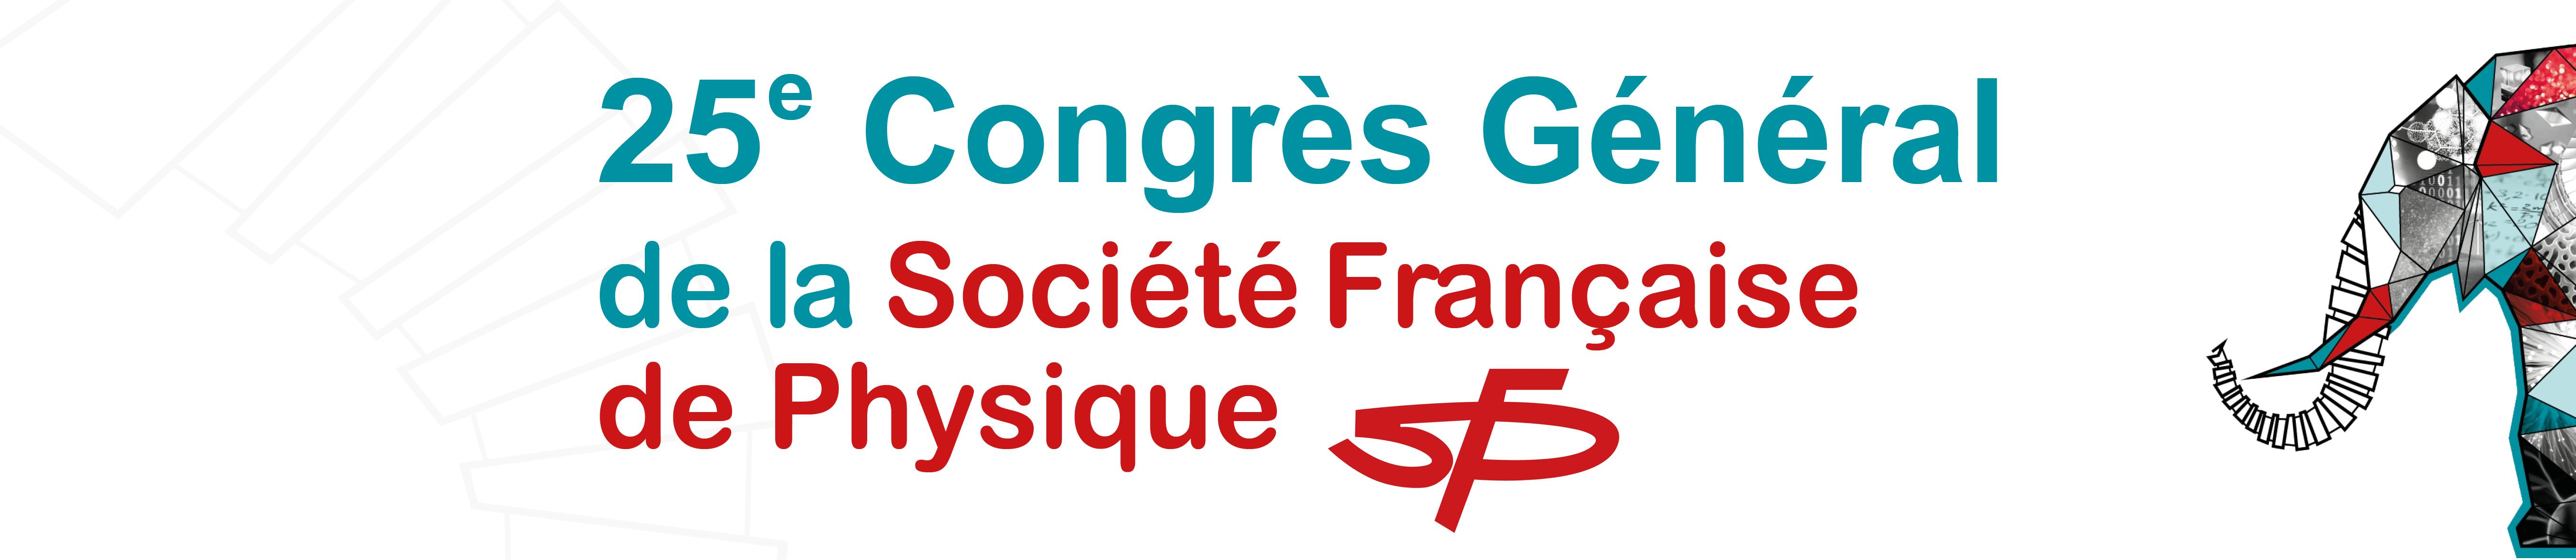 25ème Congrès Général de la SFP 2019